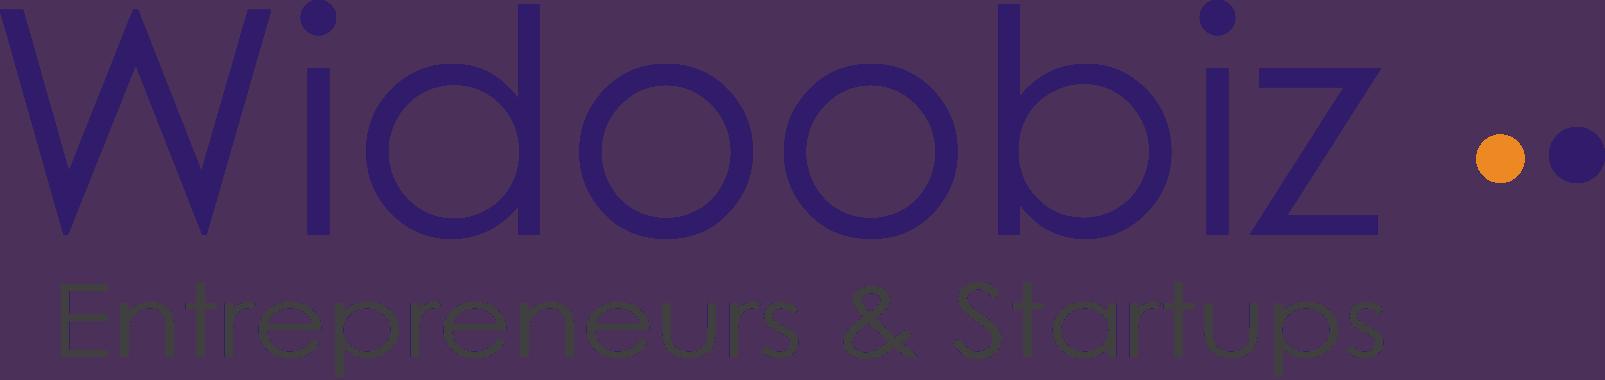 Widoobiz Entrepreneurs & Startups